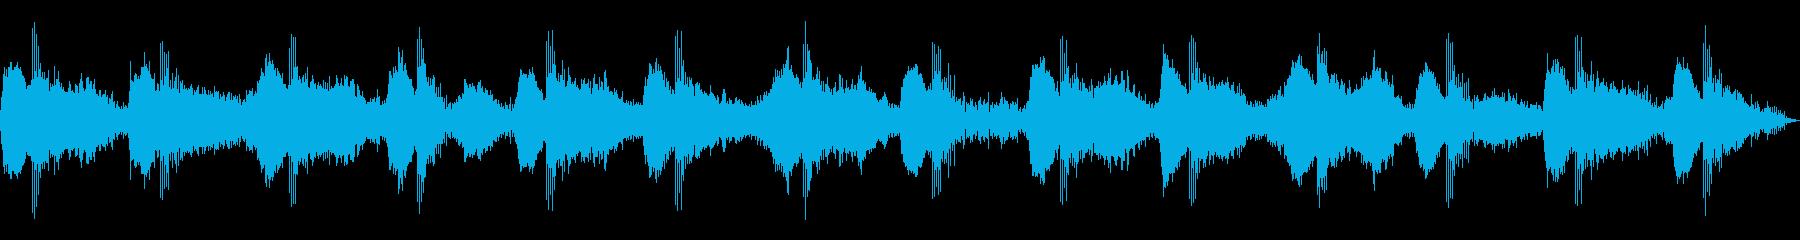 ヒーリングアンビエント_虫の声_Aの再生済みの波形